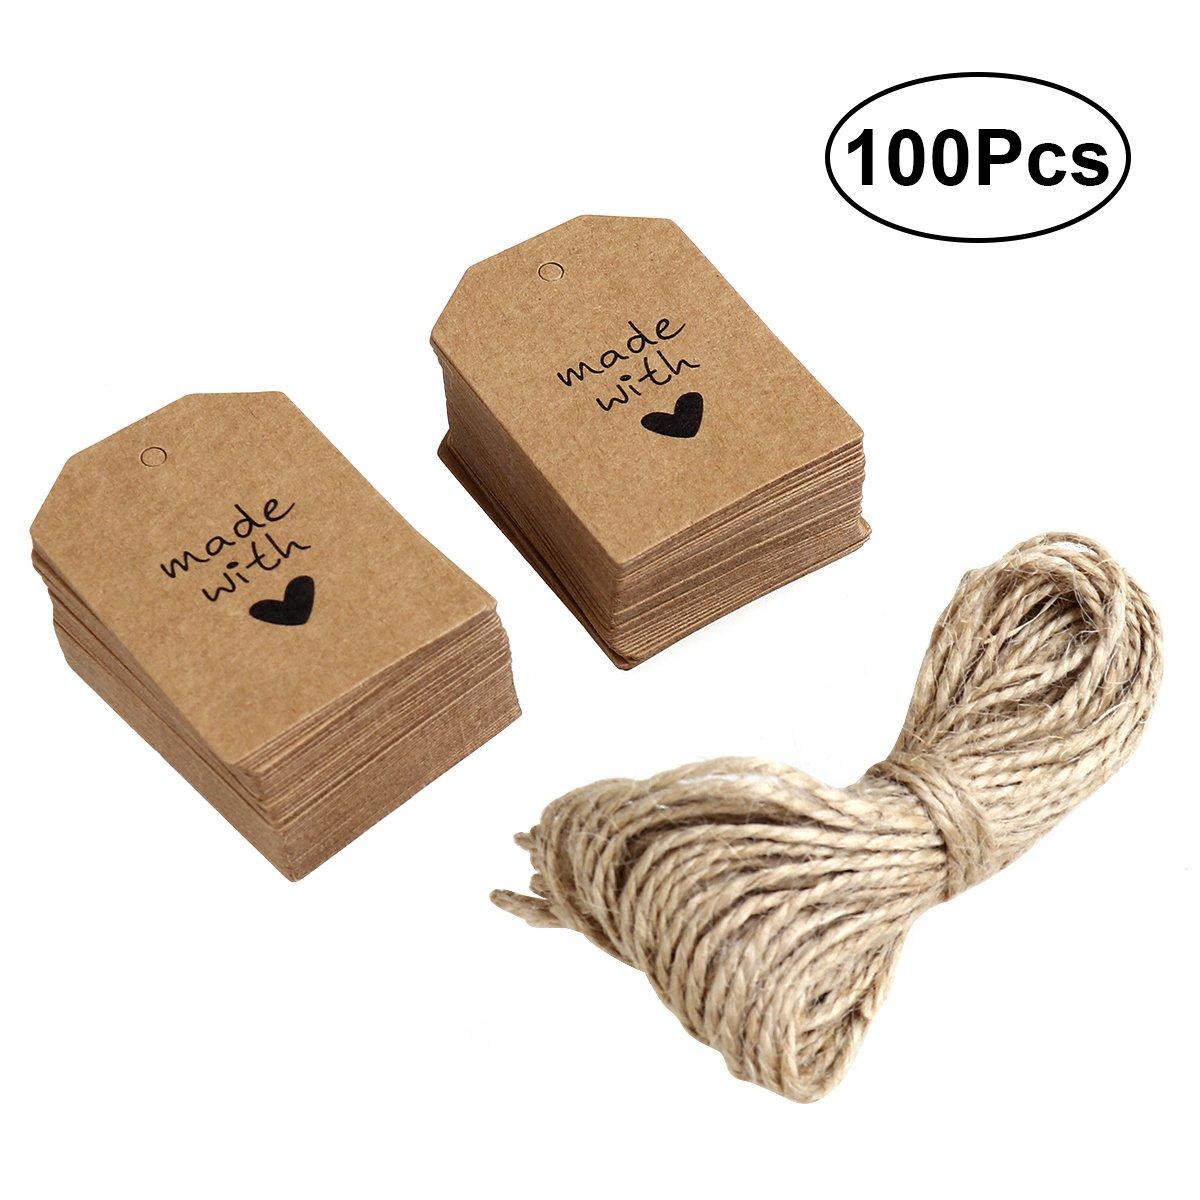 ROSENICE Cartellini Etichette Targhette di carta con cuore e lettere 100PCS con Corda di canapa 10M